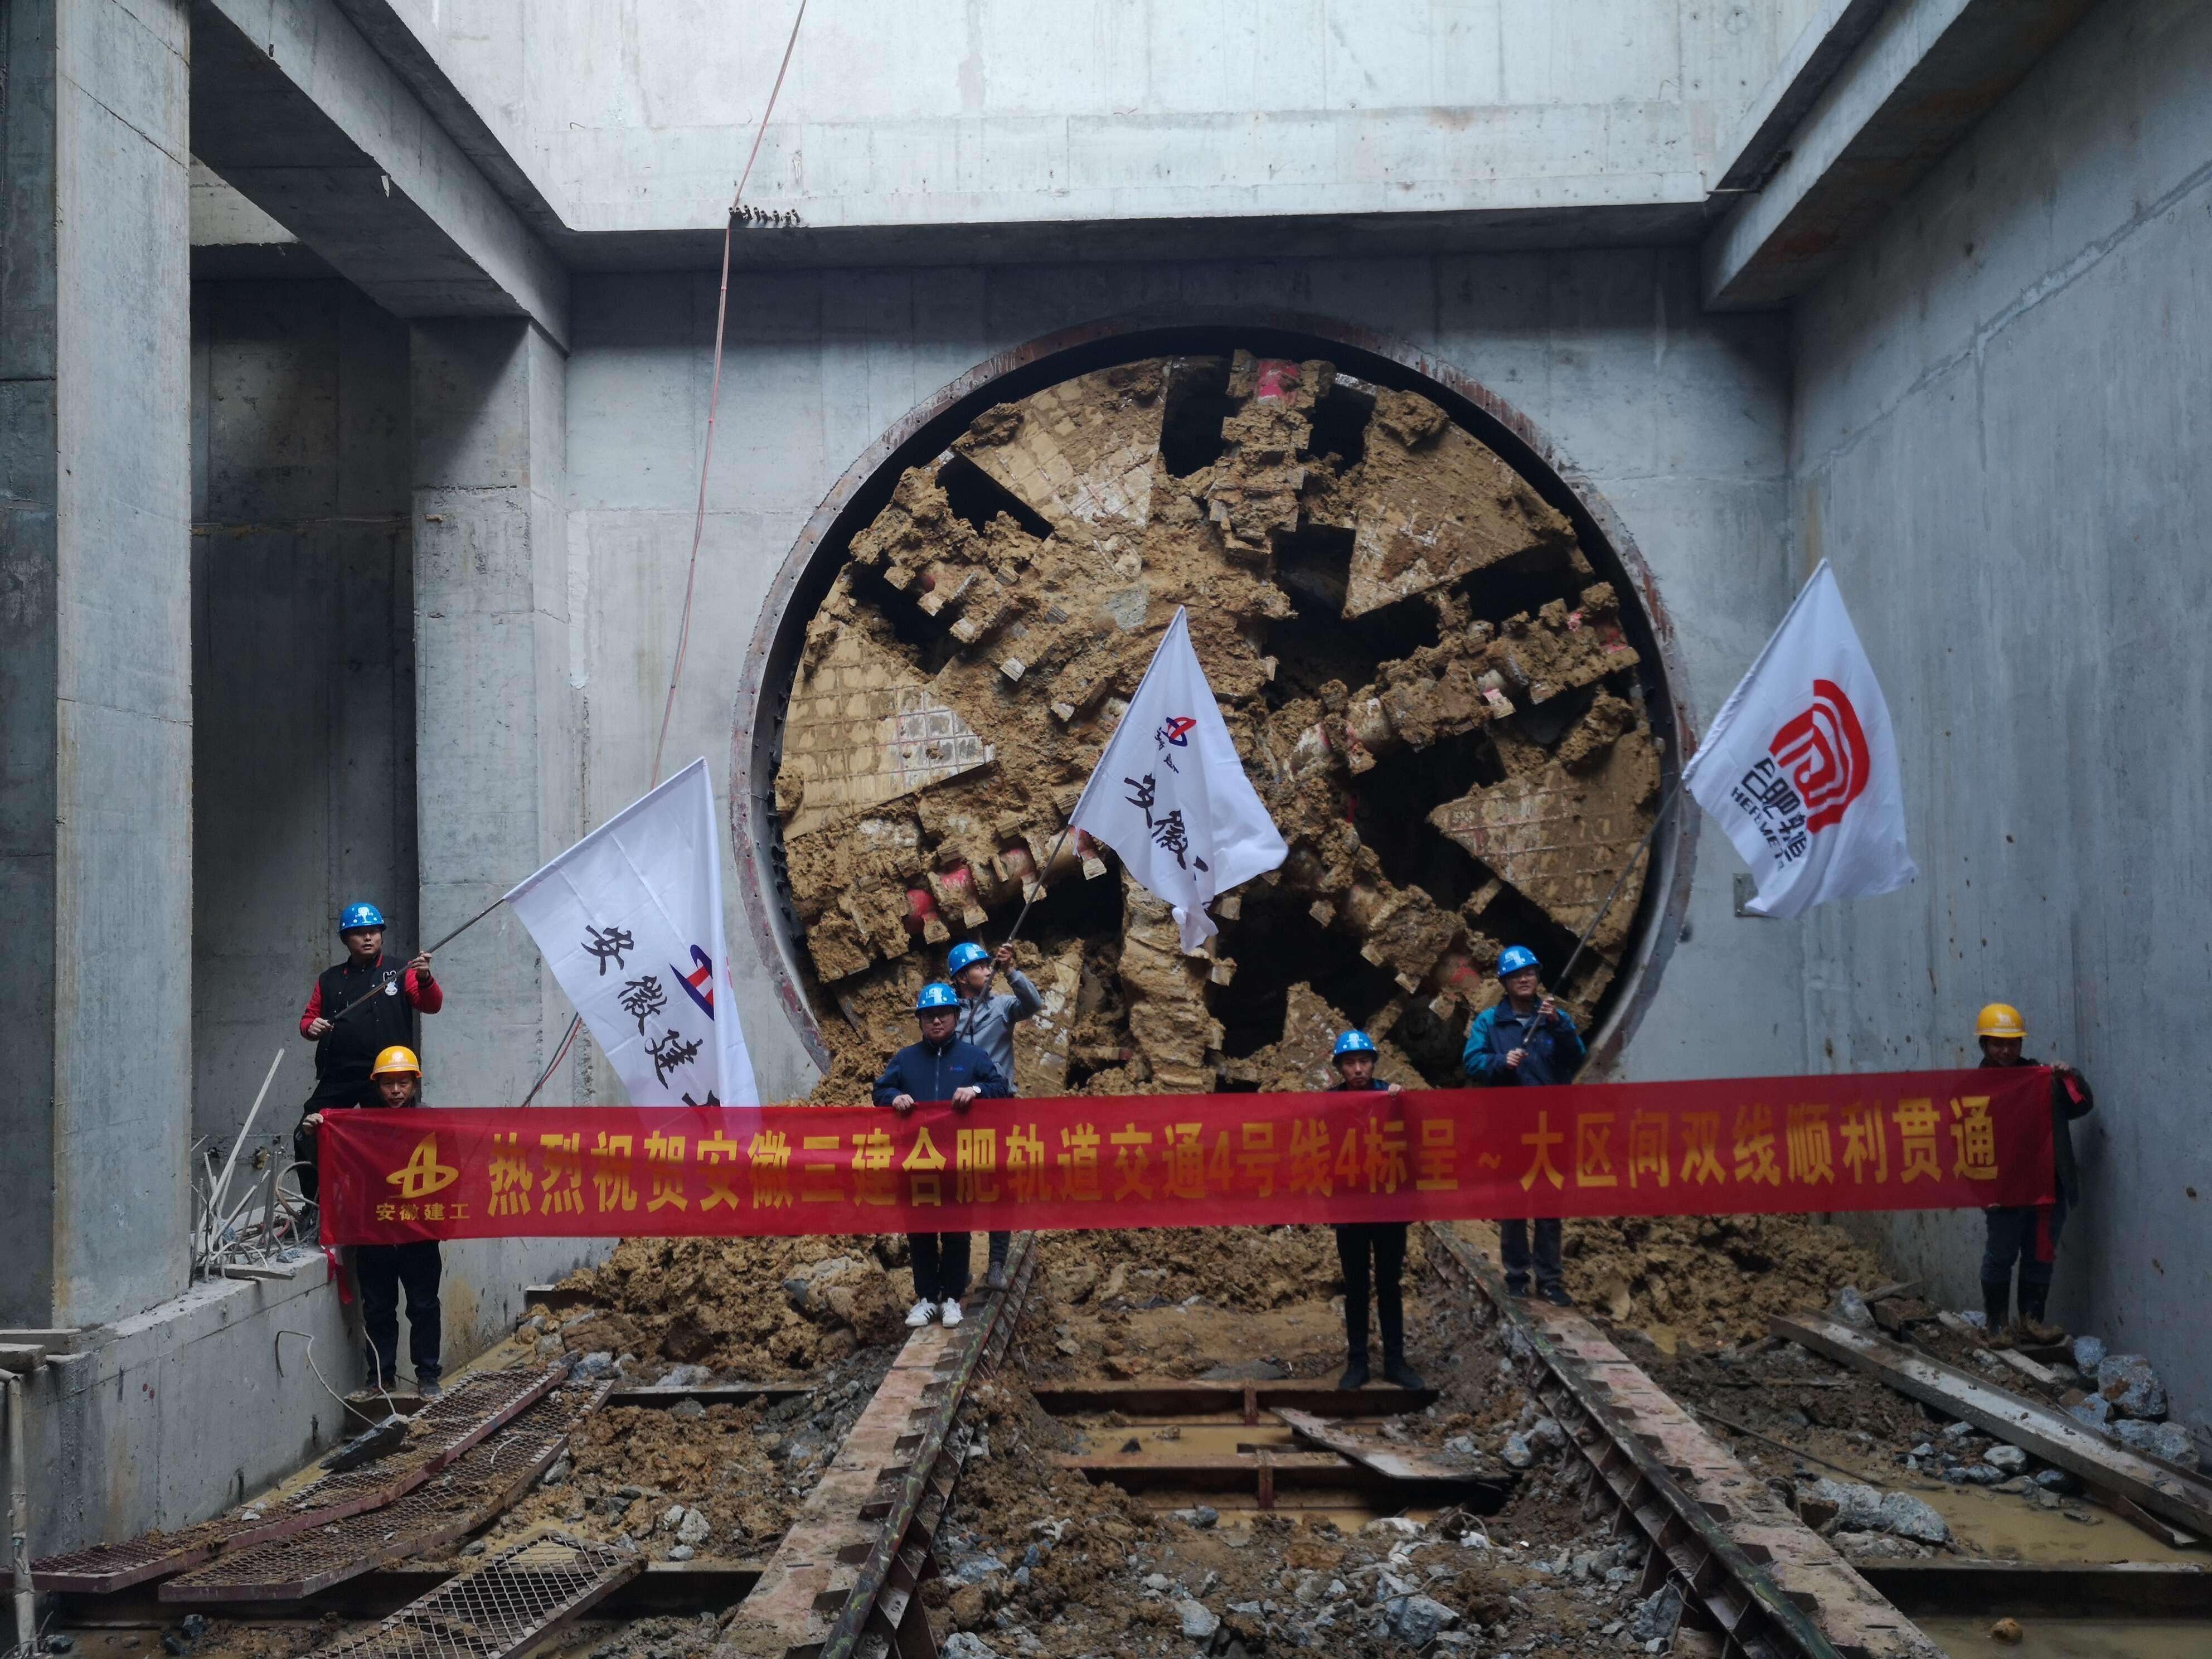 合肥市轨道交通4号线呈大区间隧道双线贯通